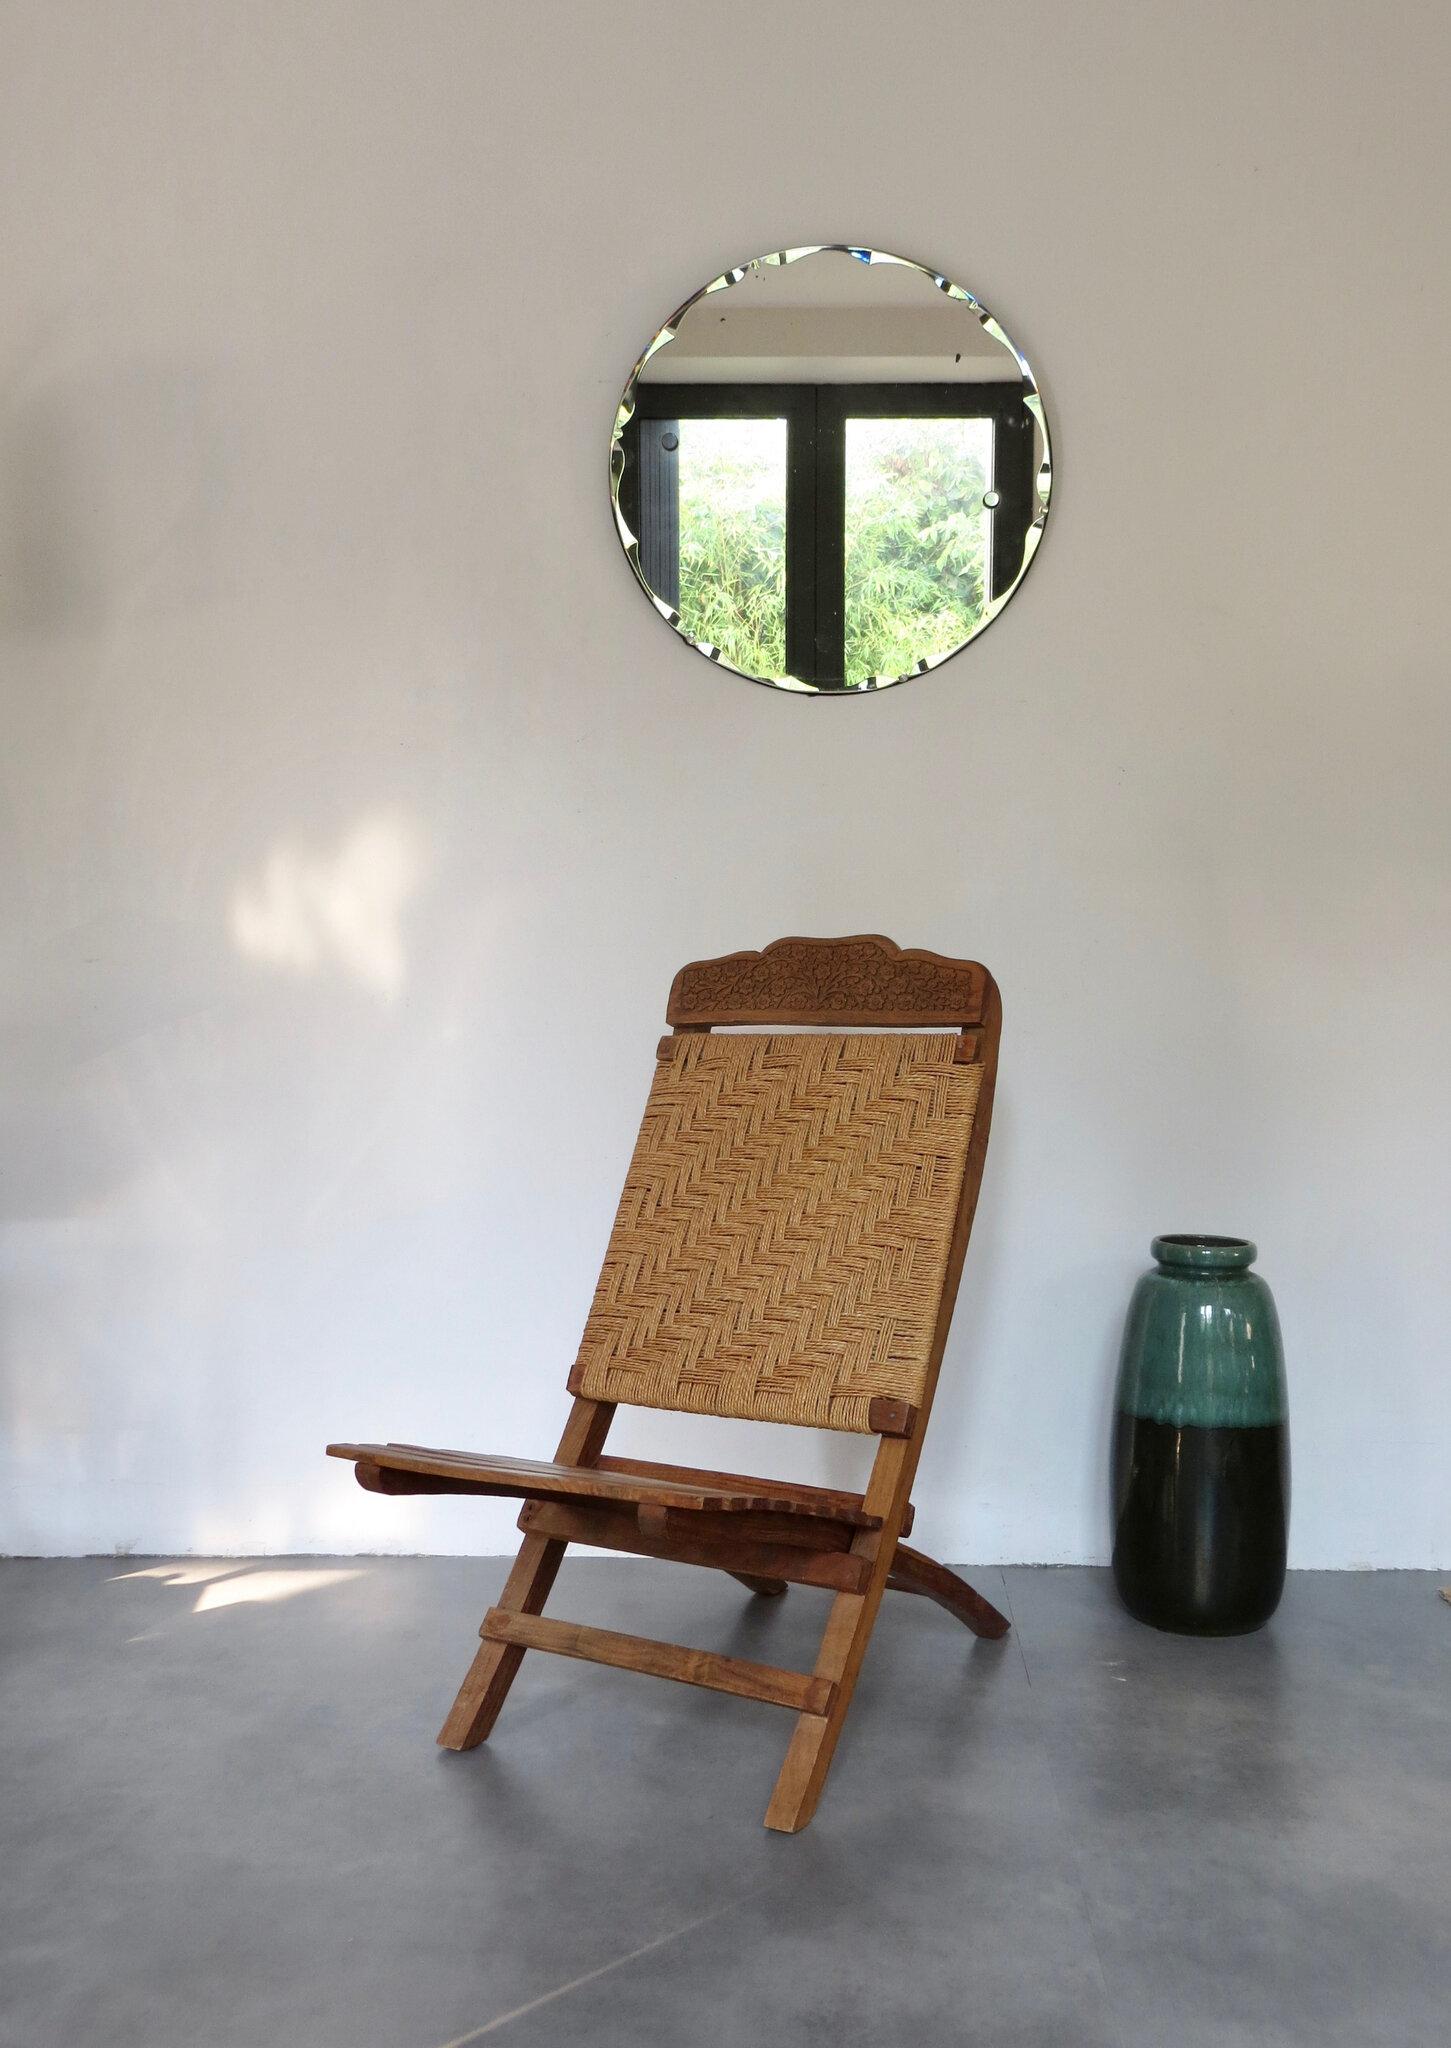 fauteuil bas bois et corde meubles